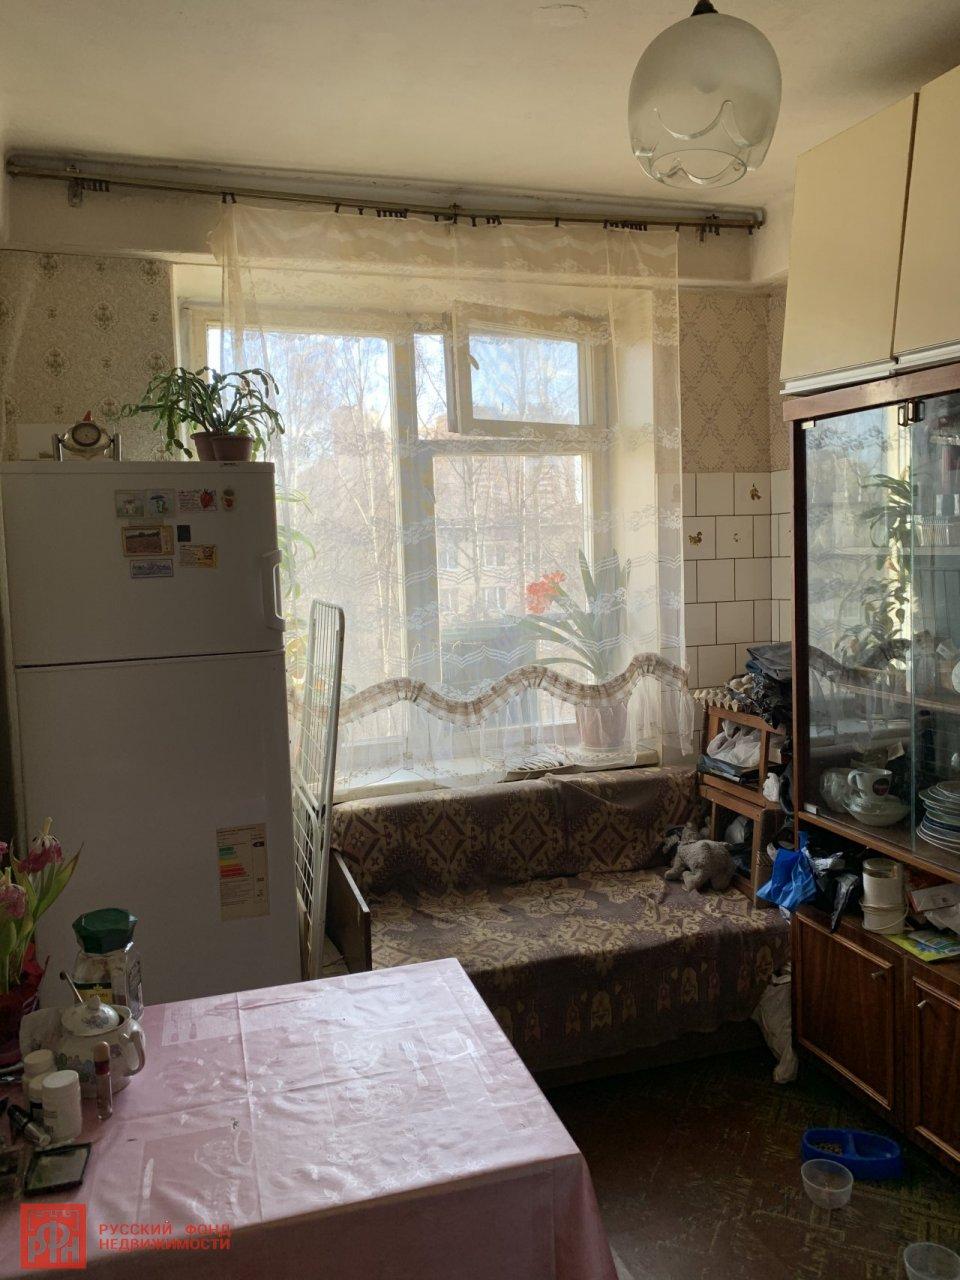 Светлановский просп., д 99, корпус 1